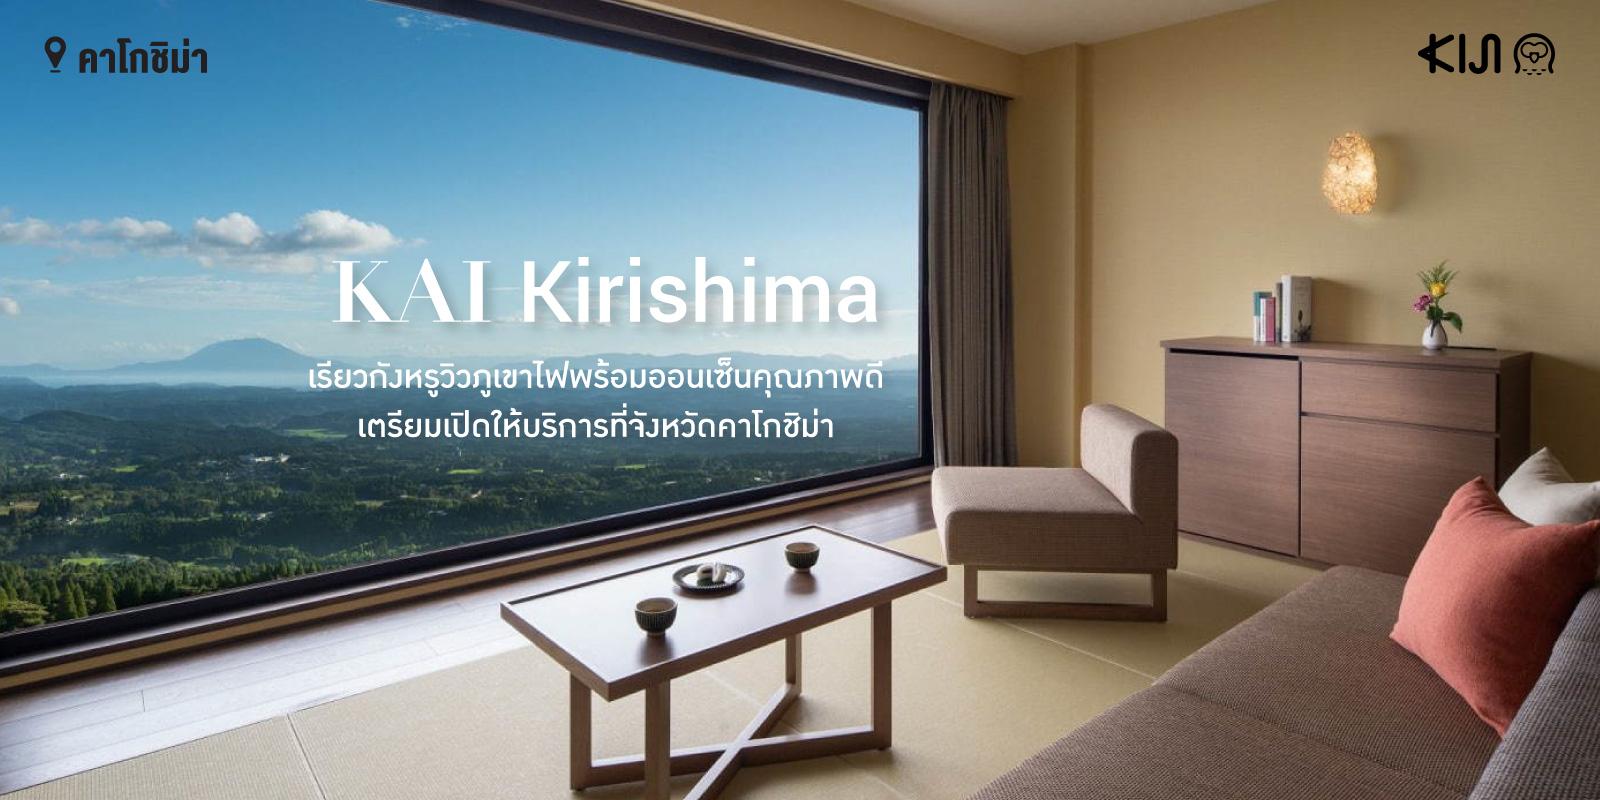 เรียวกัง KAI Kirishima จังหวัดคาโกชิม่า